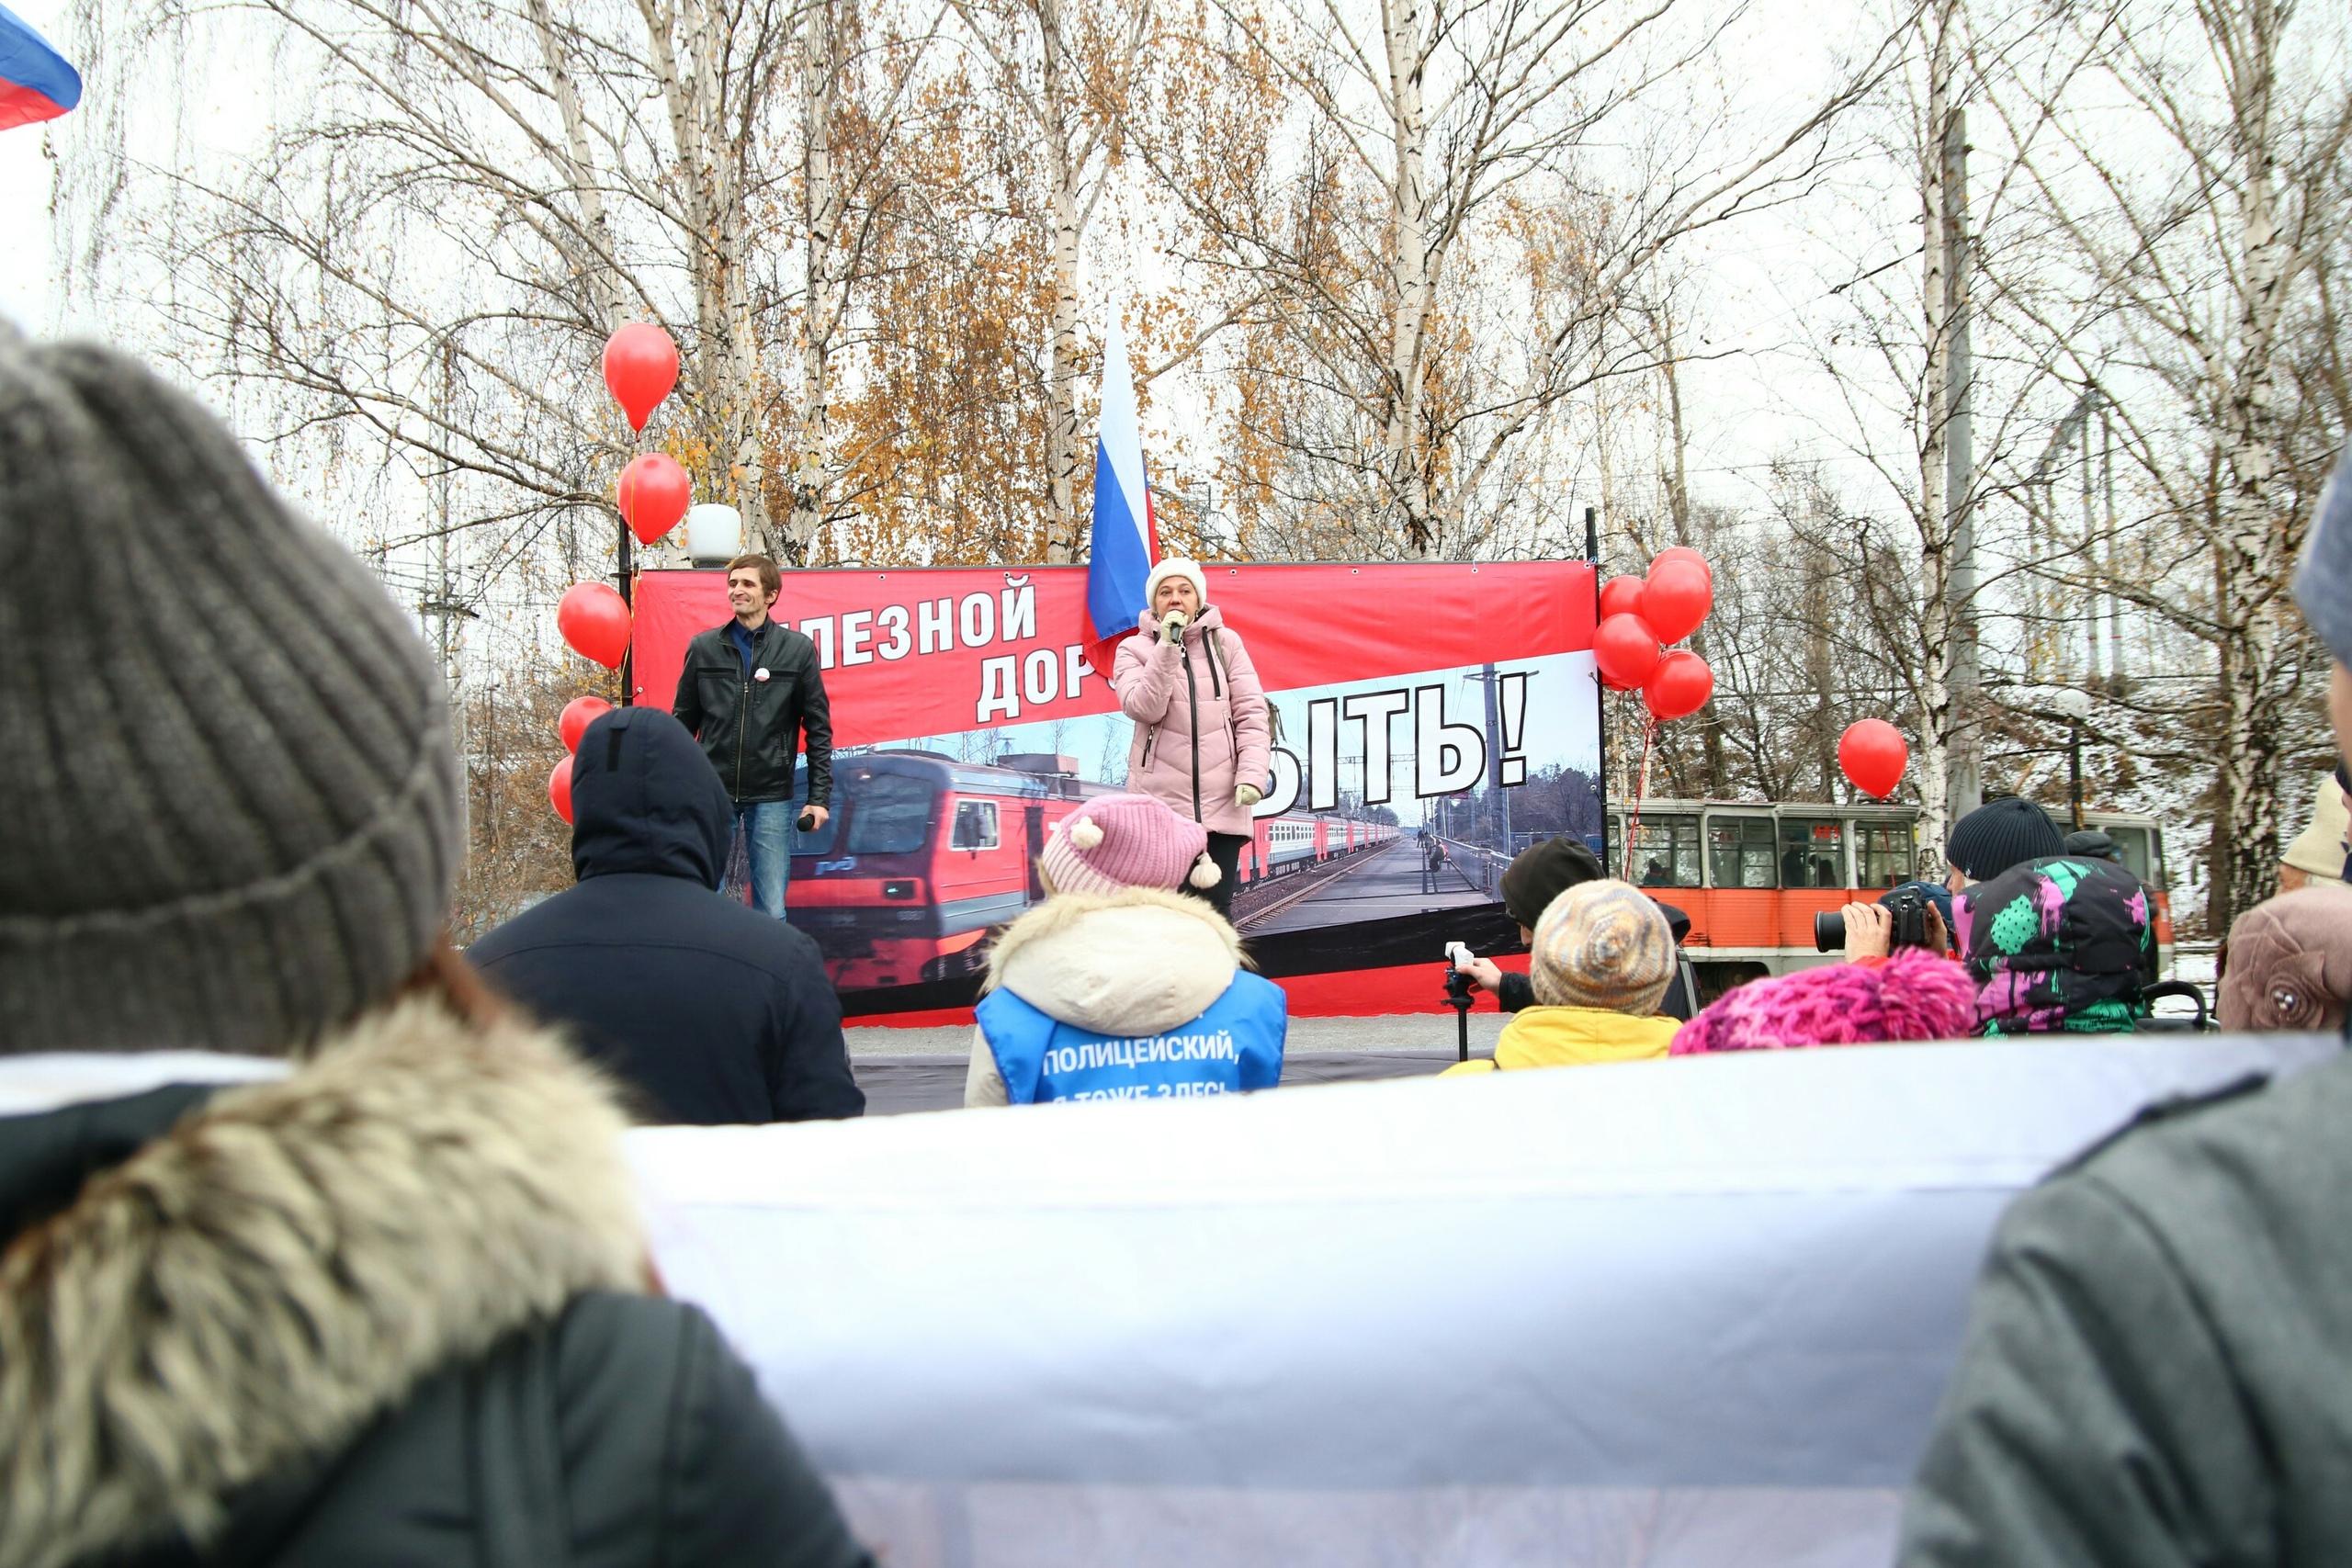 Анастасия Мальцева специально приехала на митинг на автомобиле— чтобы посмотреть, сколько займет дорога от Молодежной